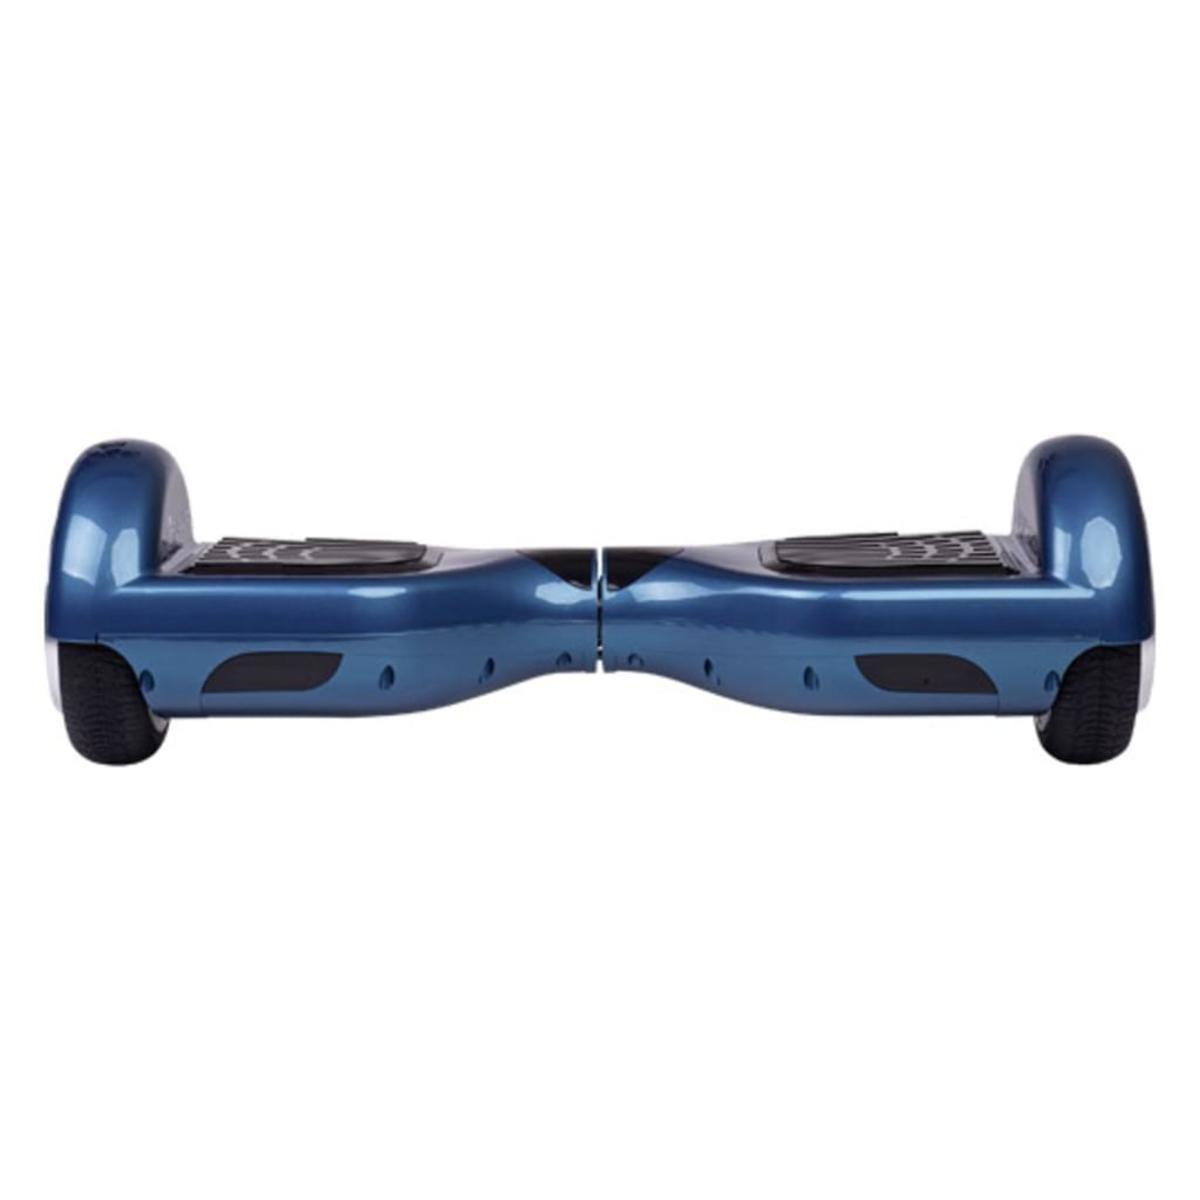 Bild 2 von URunner Smartboard,  Motorleistung von 330 Watt, Farbe Blau